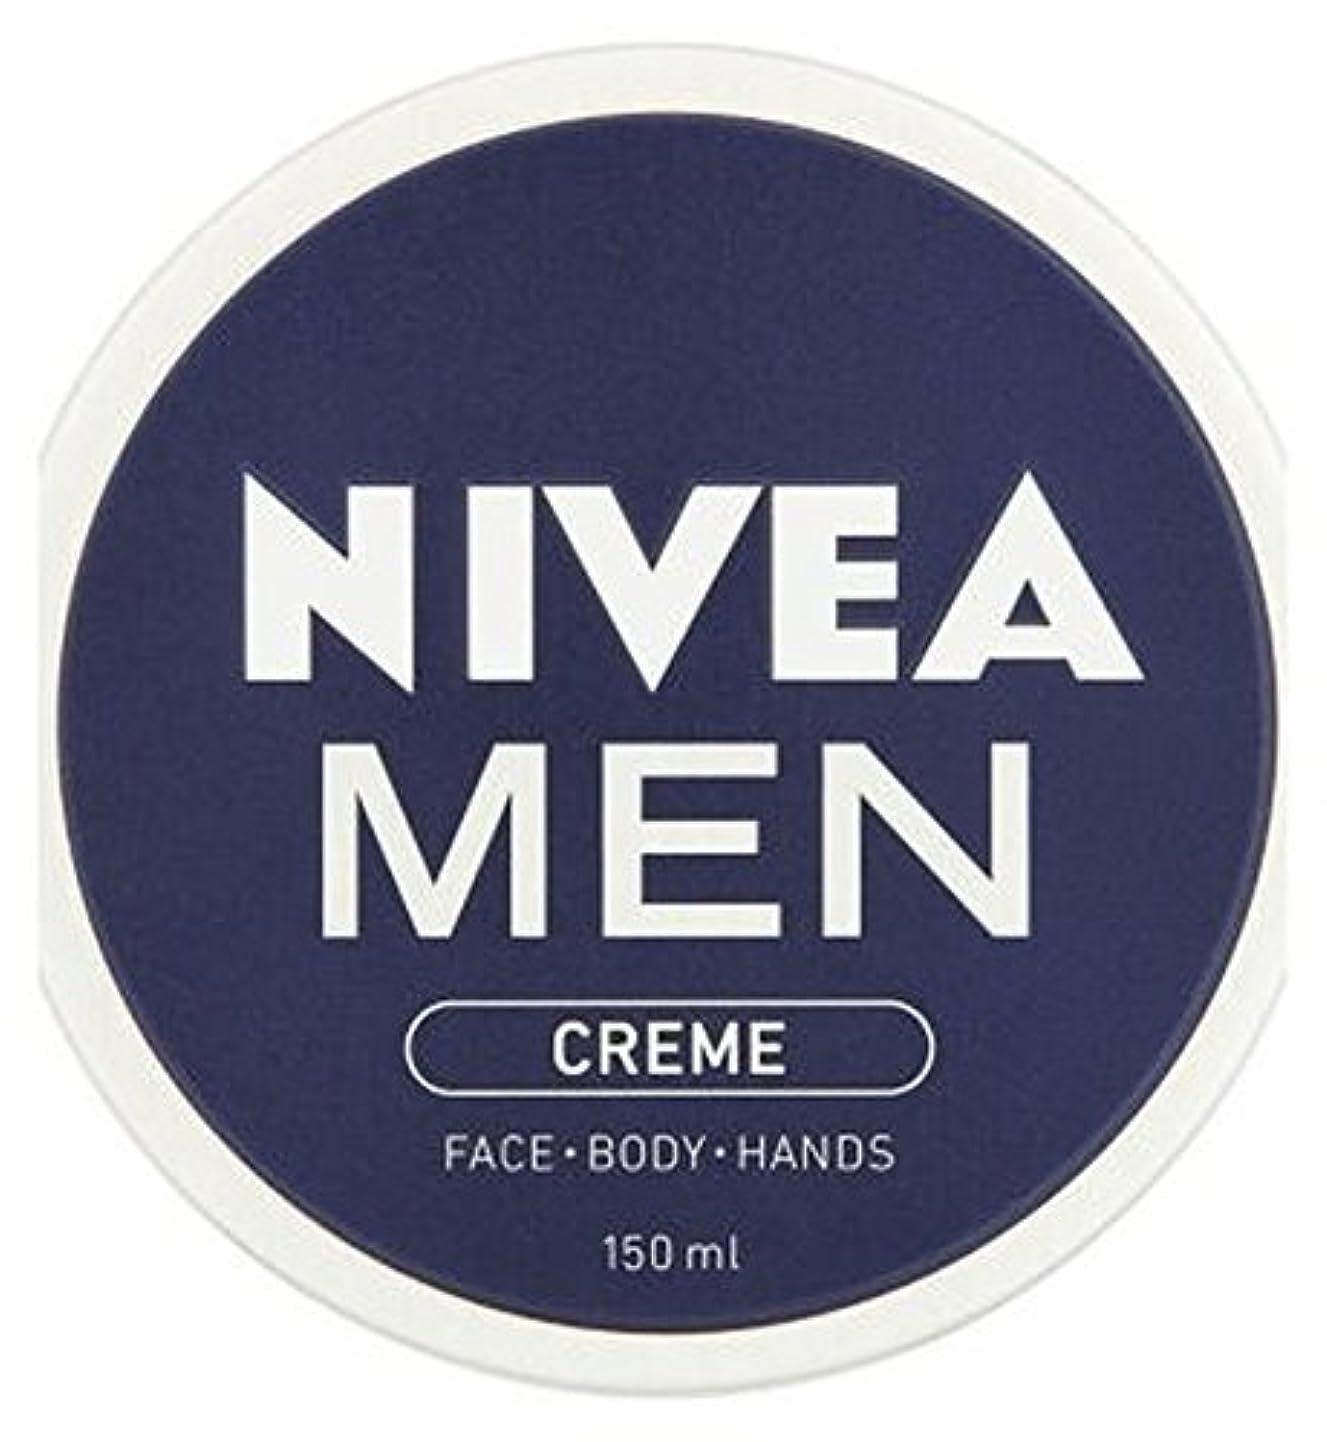 衝突コースホイッスルパイロットNIVEA MEN Creme 150ml - ニベアの男性が150ミリリットルクリーム (Nivea) [並行輸入品]